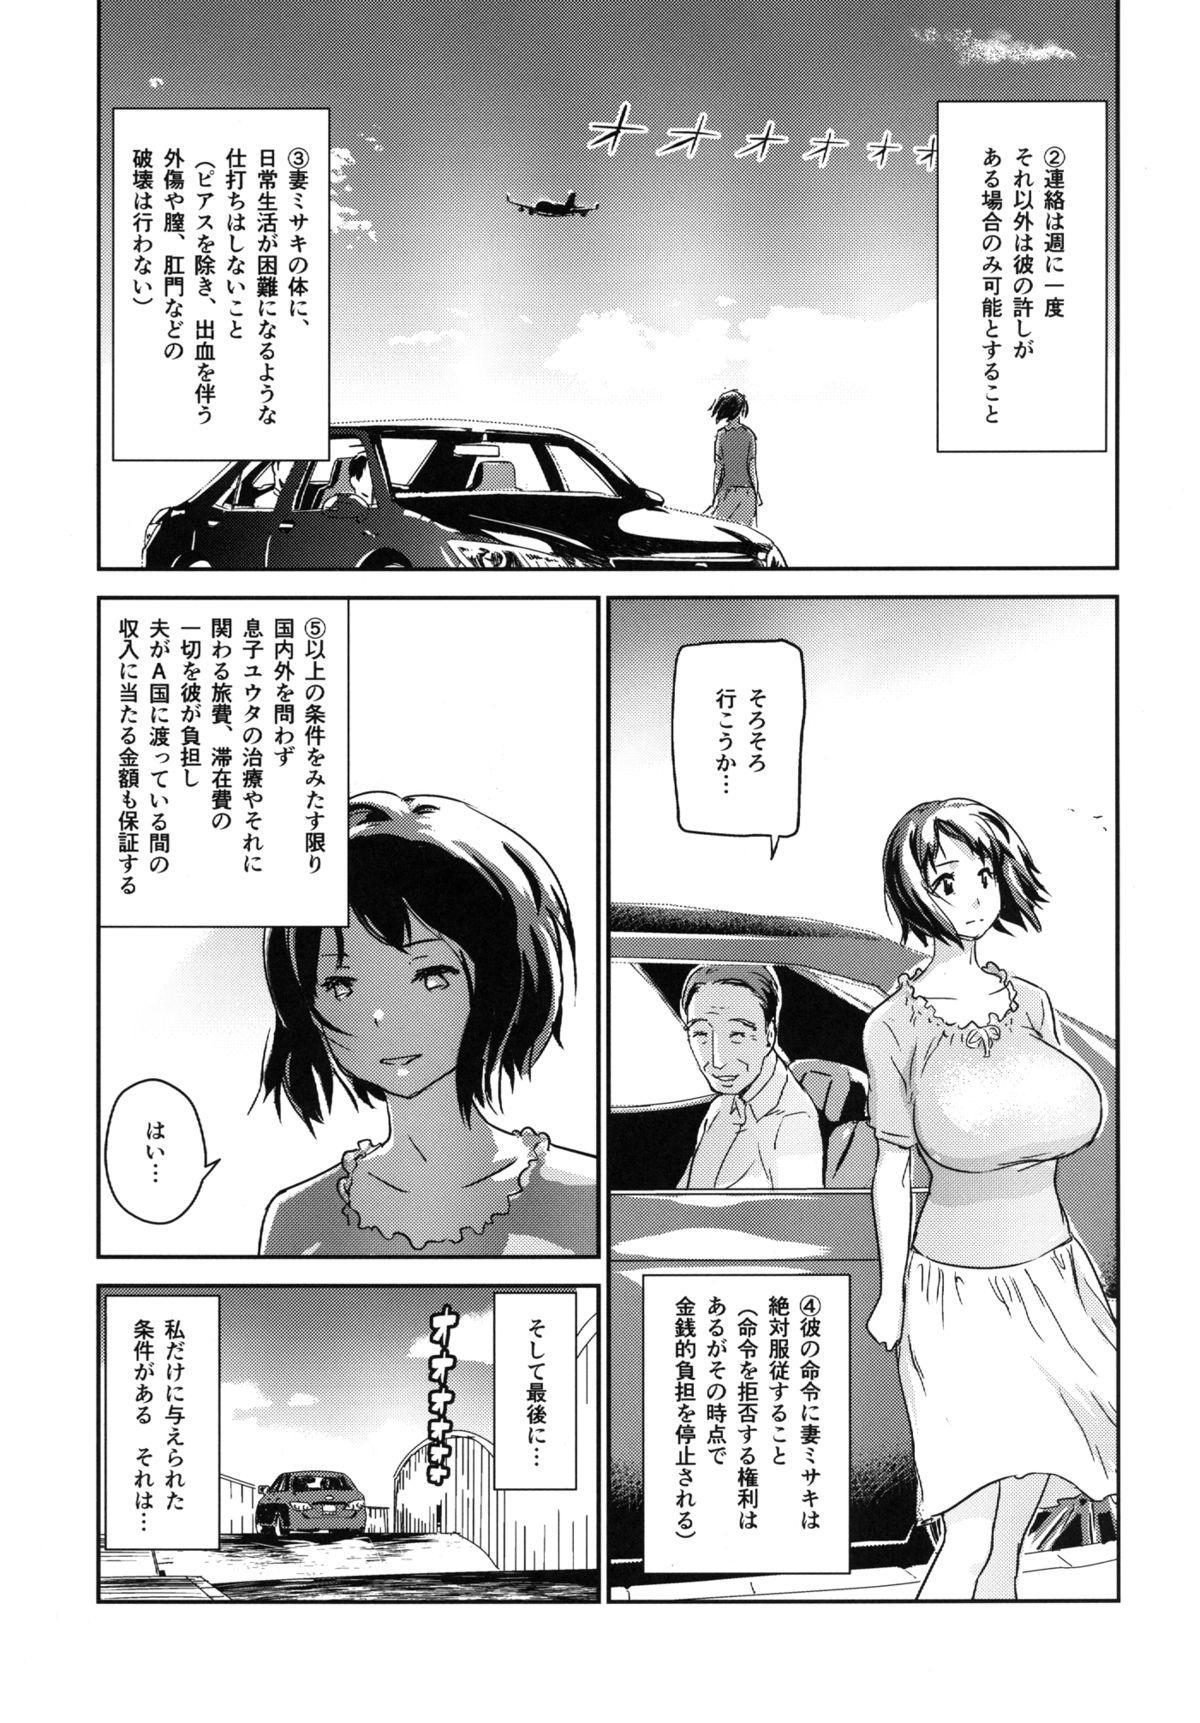 Hitozuma Kari - Kousoku Zecchou Sundome Game Nanbyou no Wagako no Chiryouhi no Tame Sono Mi wo Sashidasu Tsuma 17